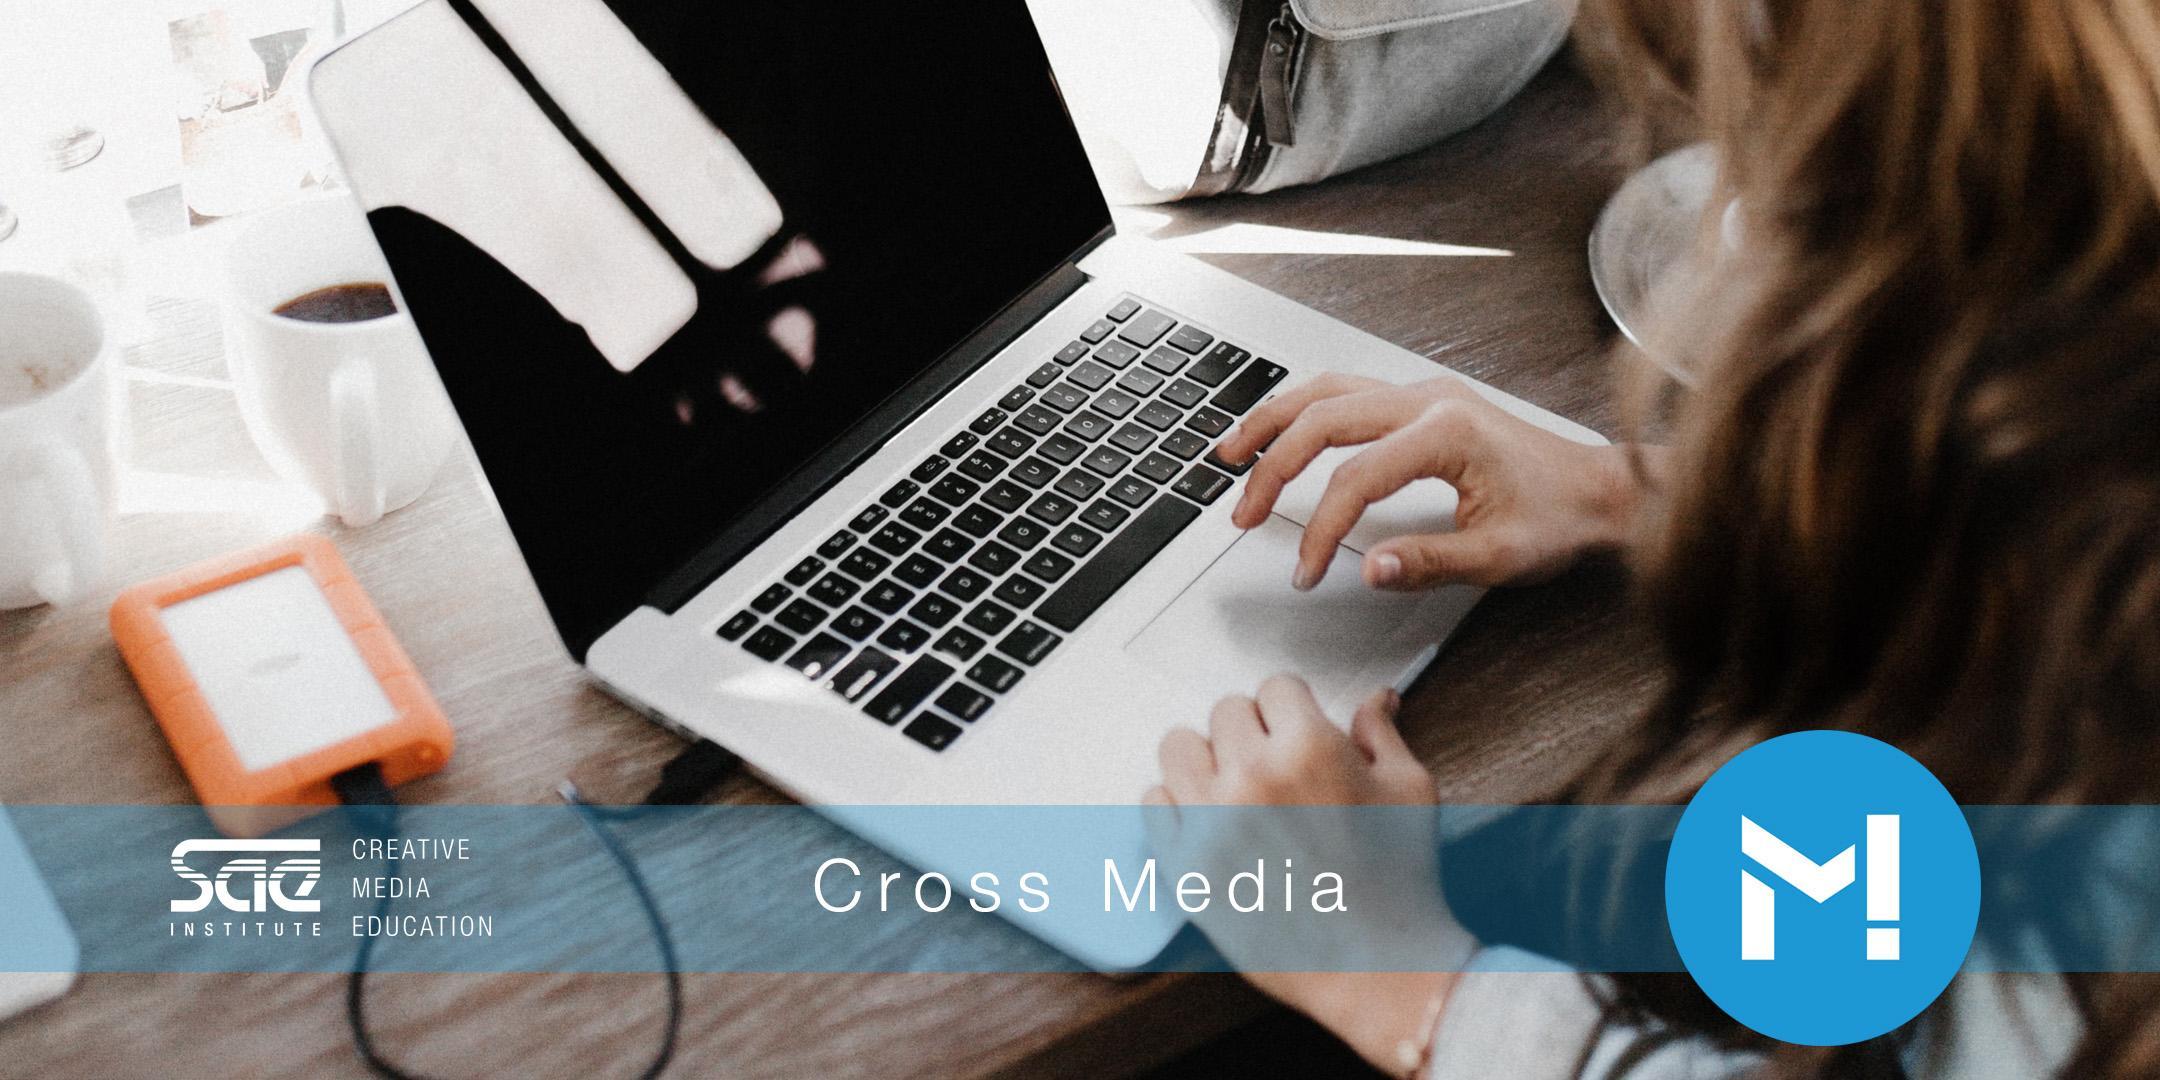 Workshop: Cross Media - Das Handwerk des modernen Journalisten